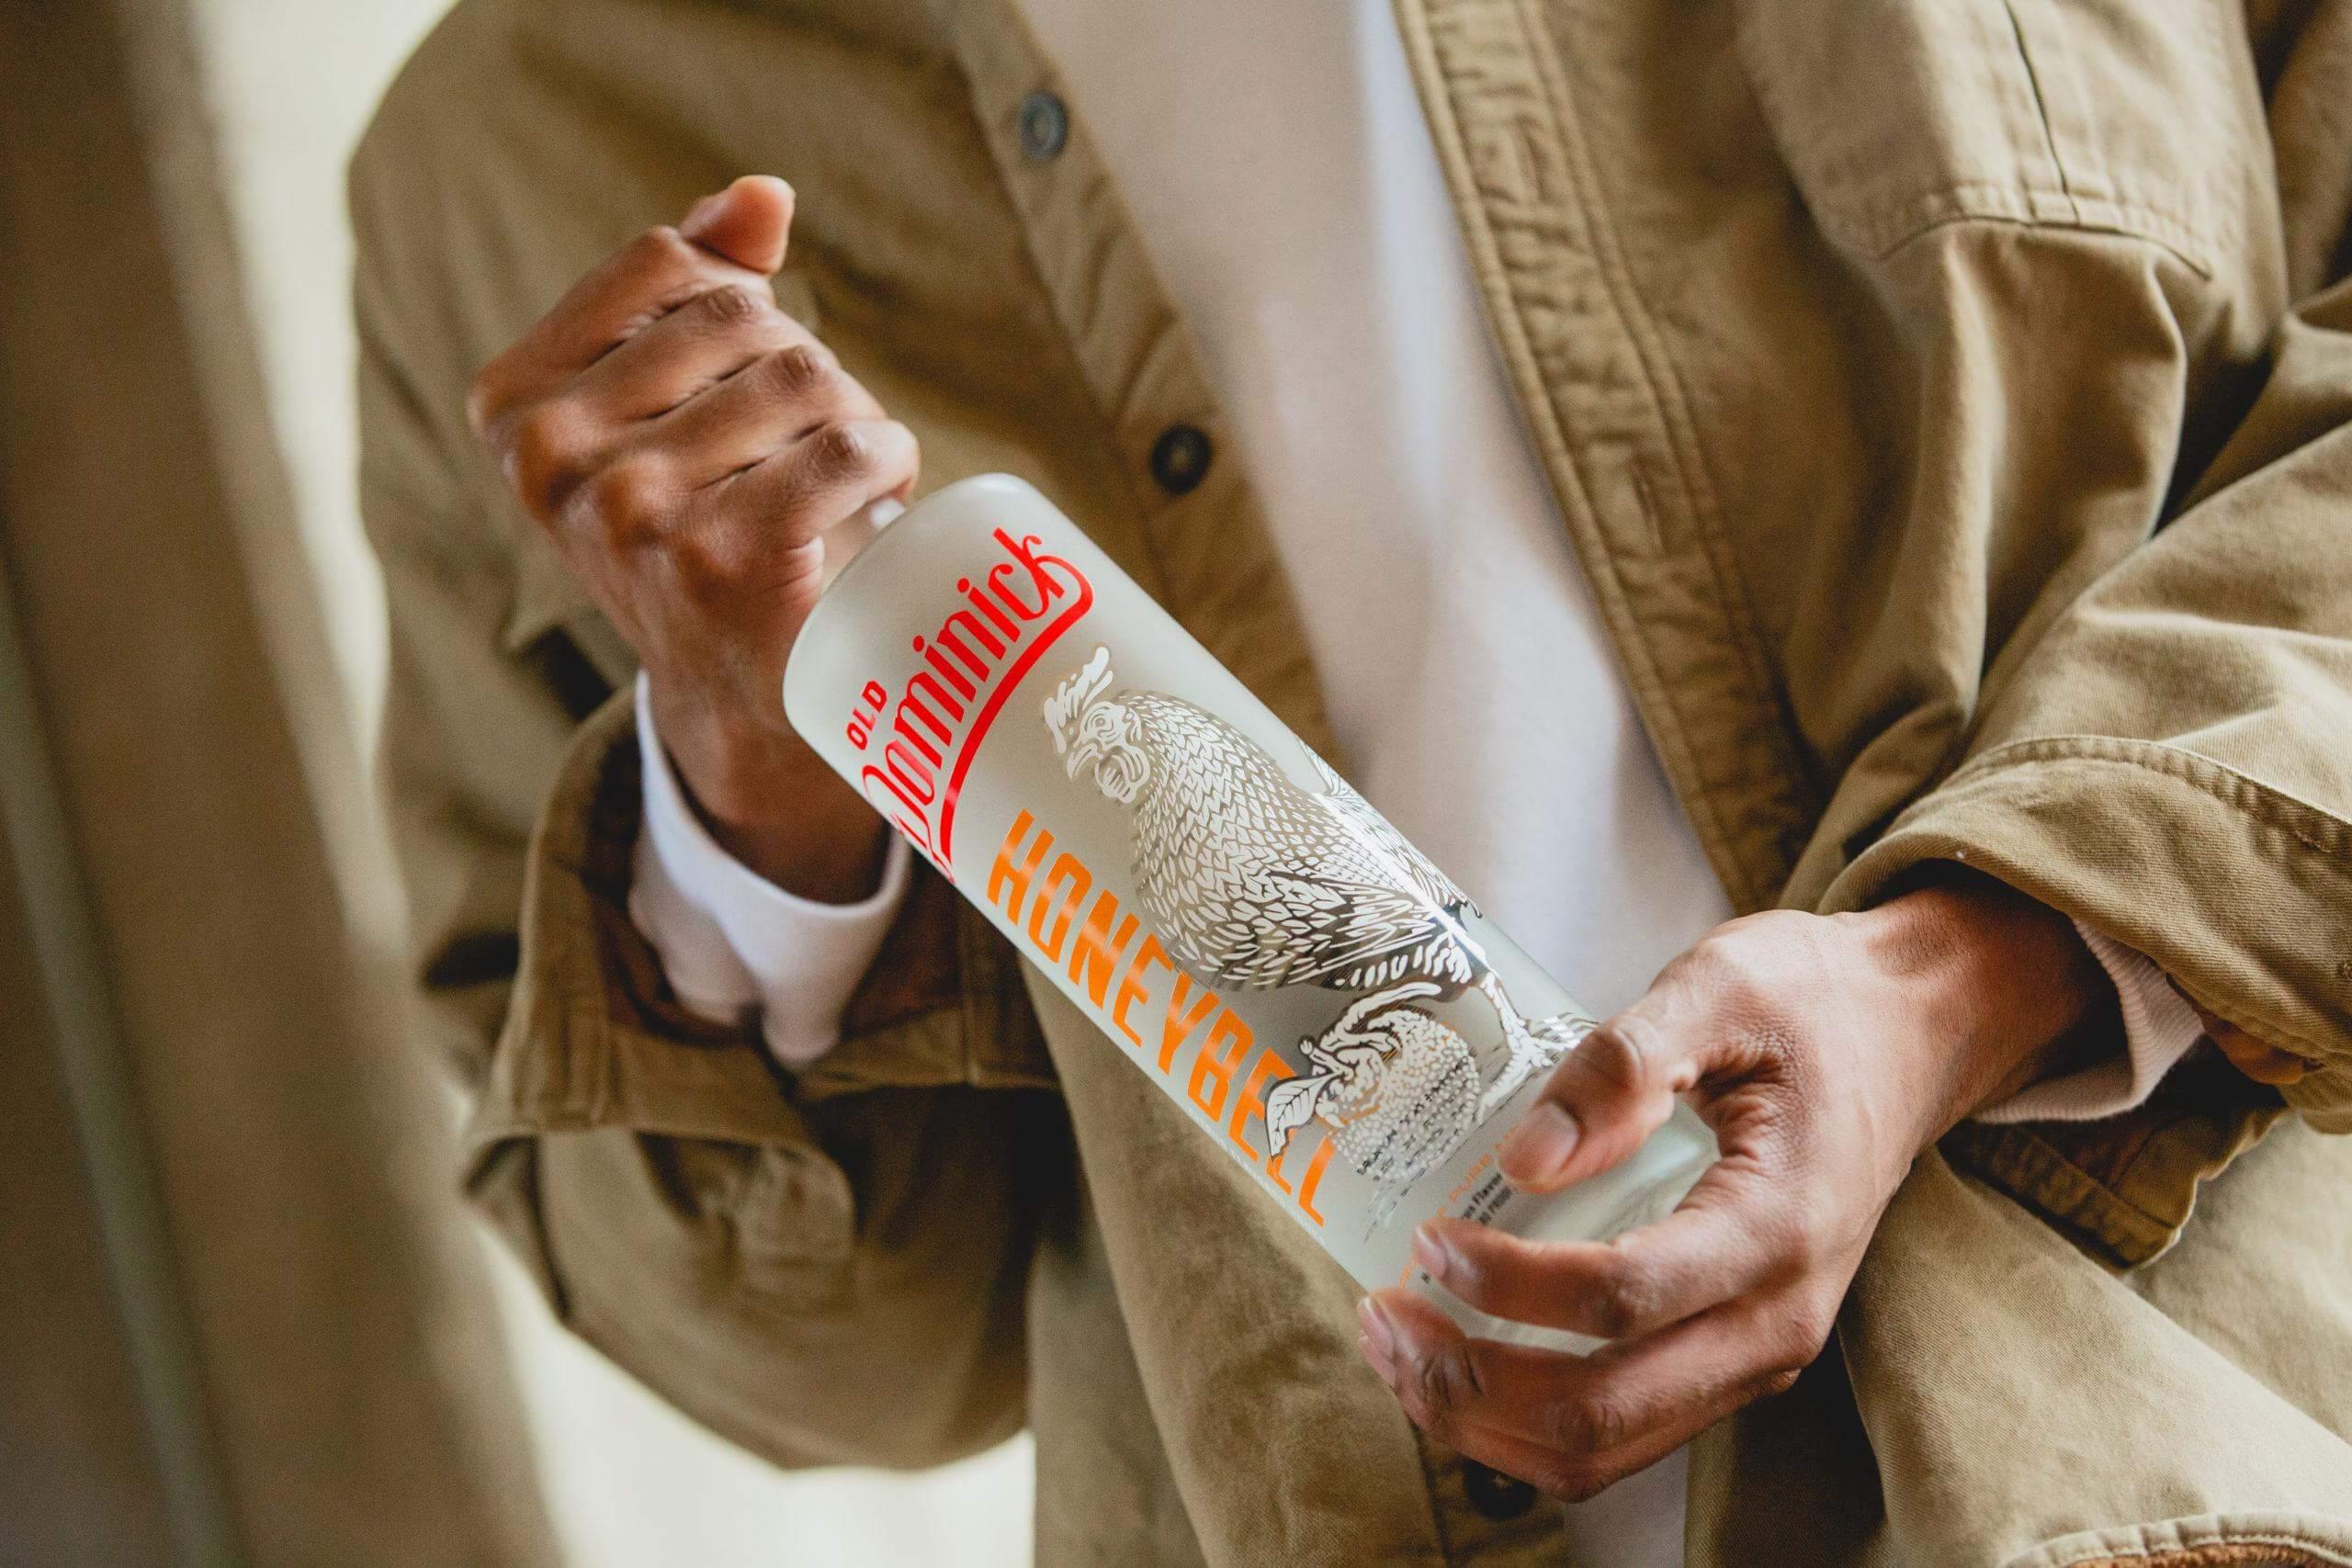 Man holding Honeybell Citrus Vodka bottle